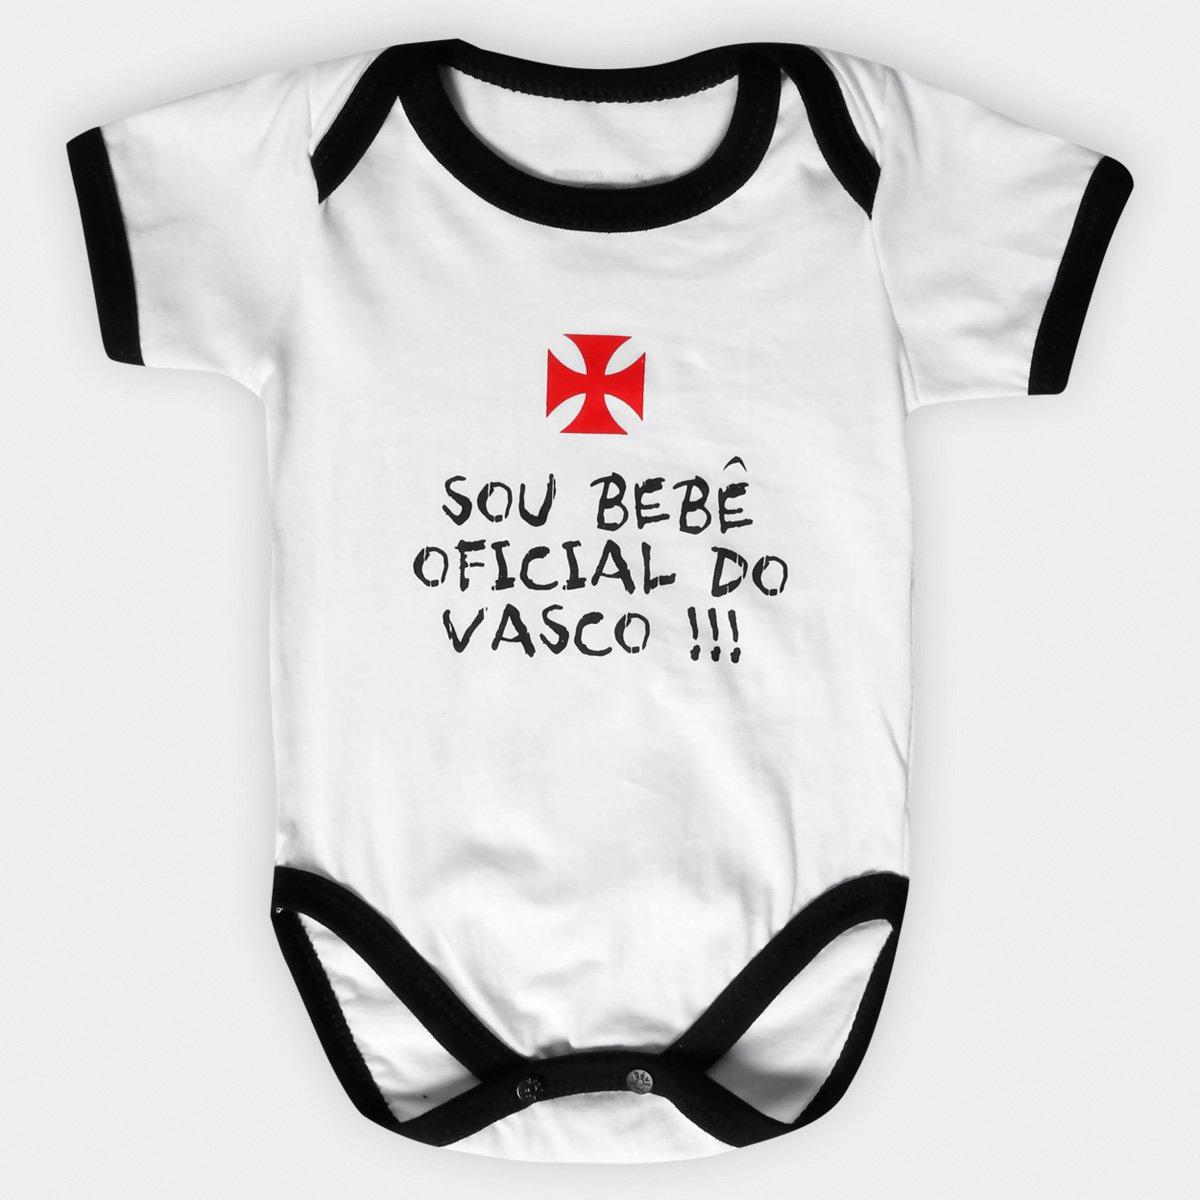 Body Infantil Vasco Oficial - Compre Agora  82b18680578d2